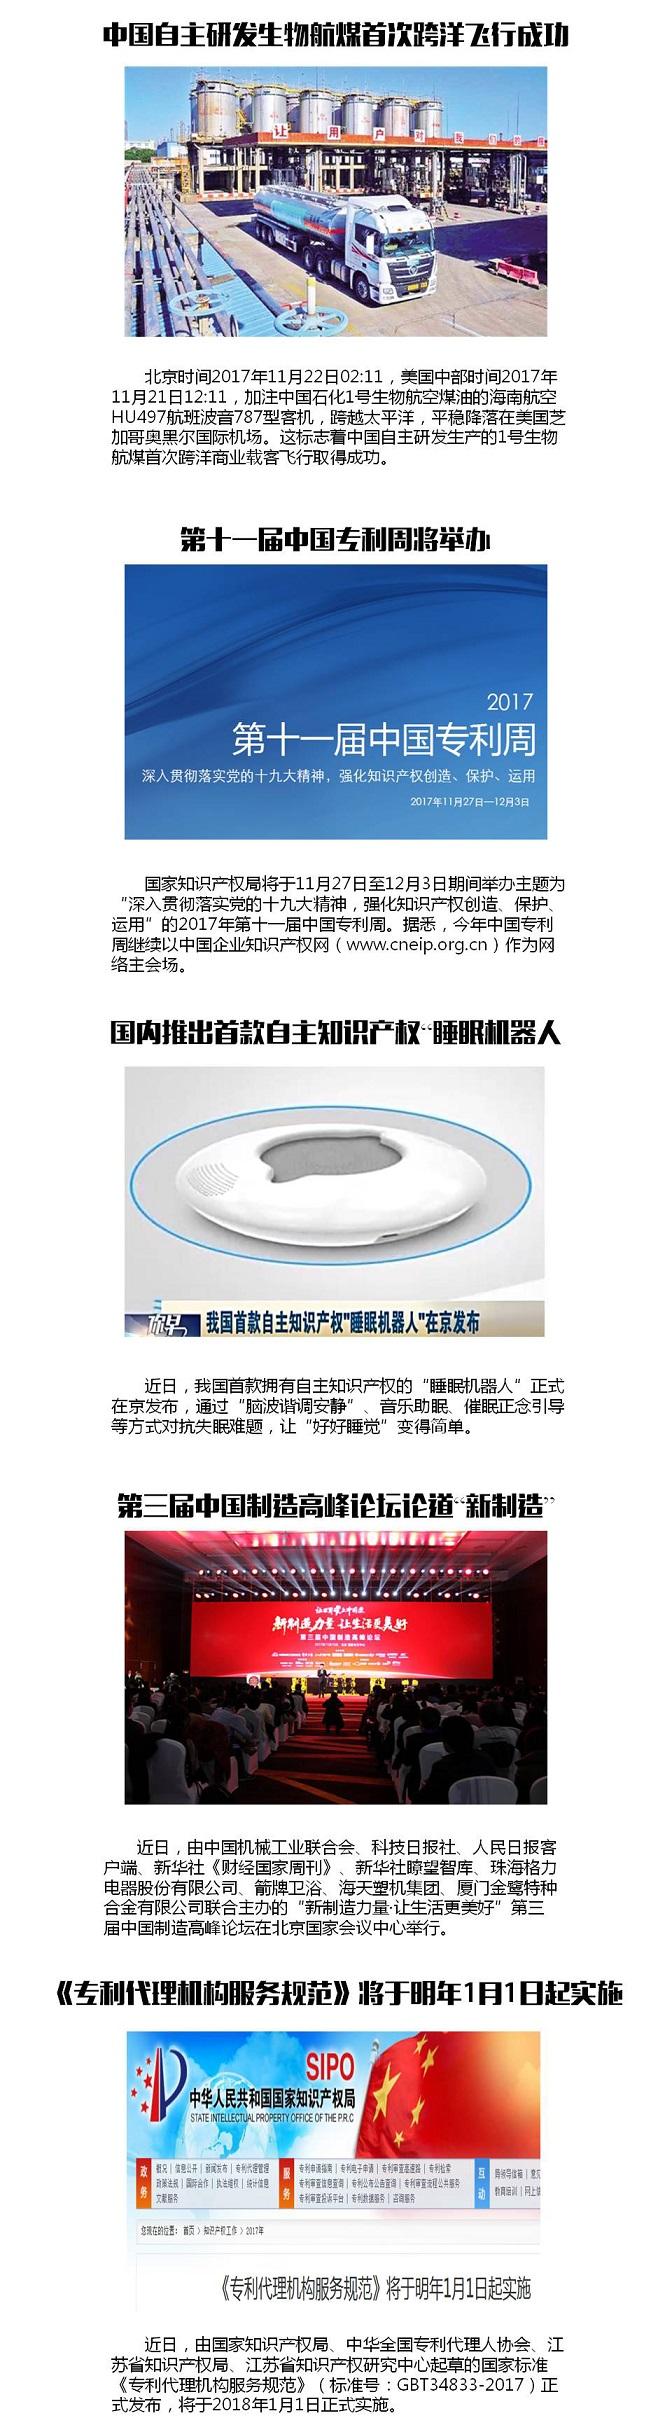 一周大事记11.20-11.24(1).jpg